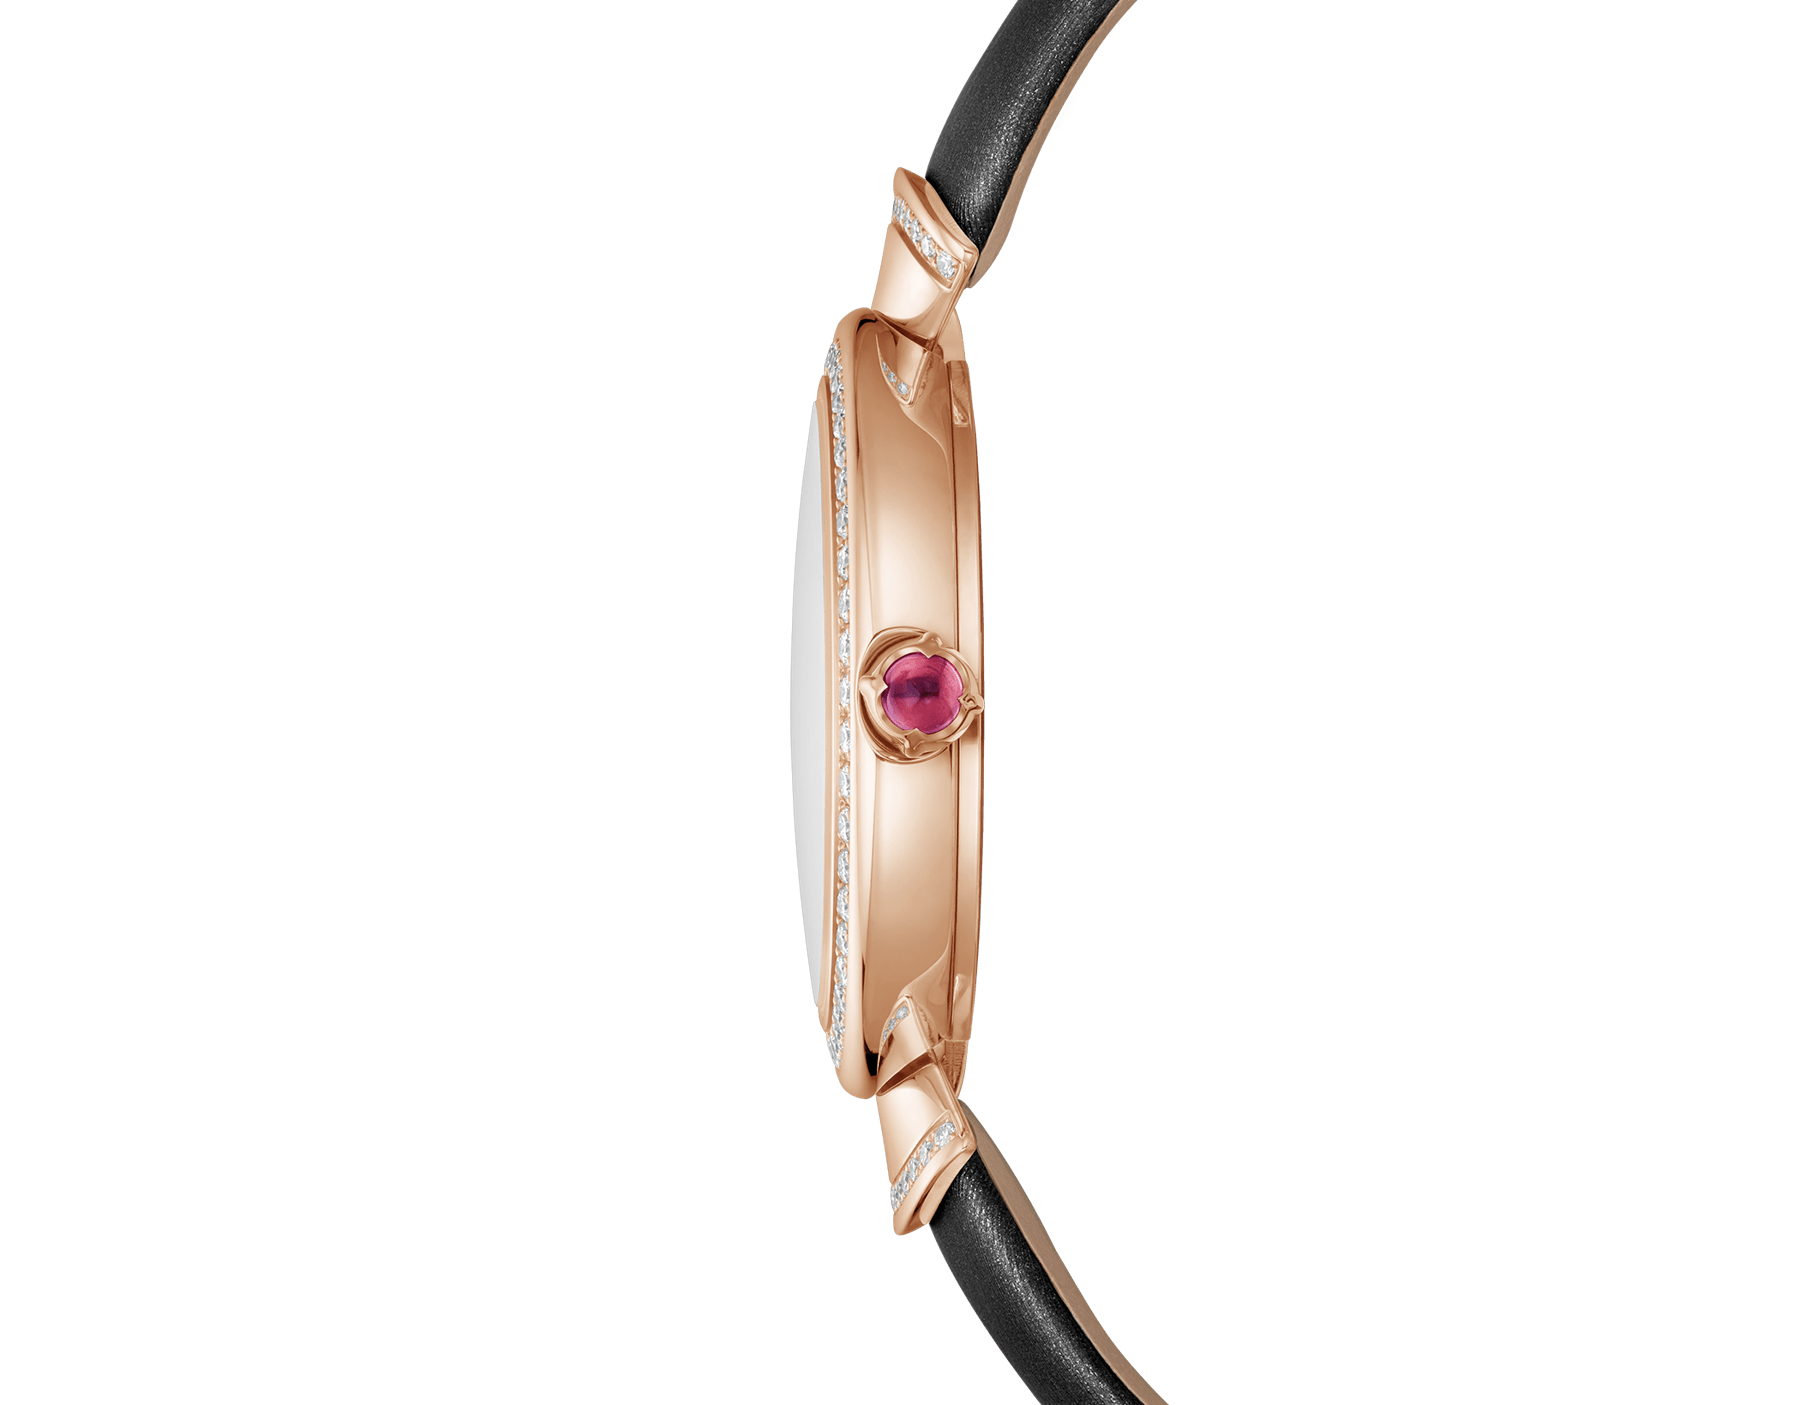 Montre DIVAS' DREAM avec boîtier en or rose 18K serti de diamants taille brillant, cadran pavé diamants et bracelet en satin noir 102432 image 3